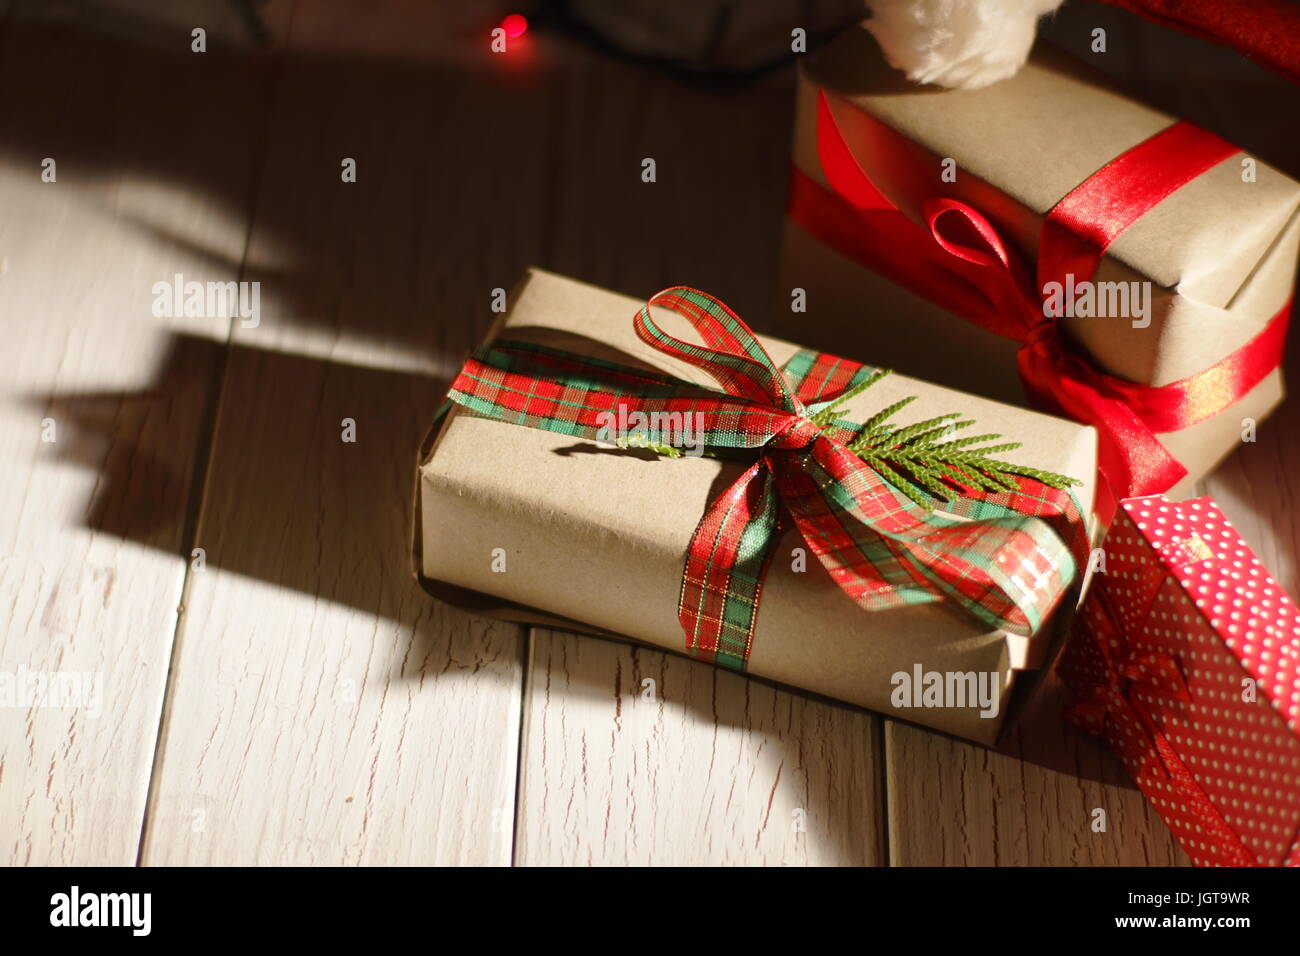 Nahaufnahme der schöne Weihnachtsgeschenke verpackt in bunten Pape ...